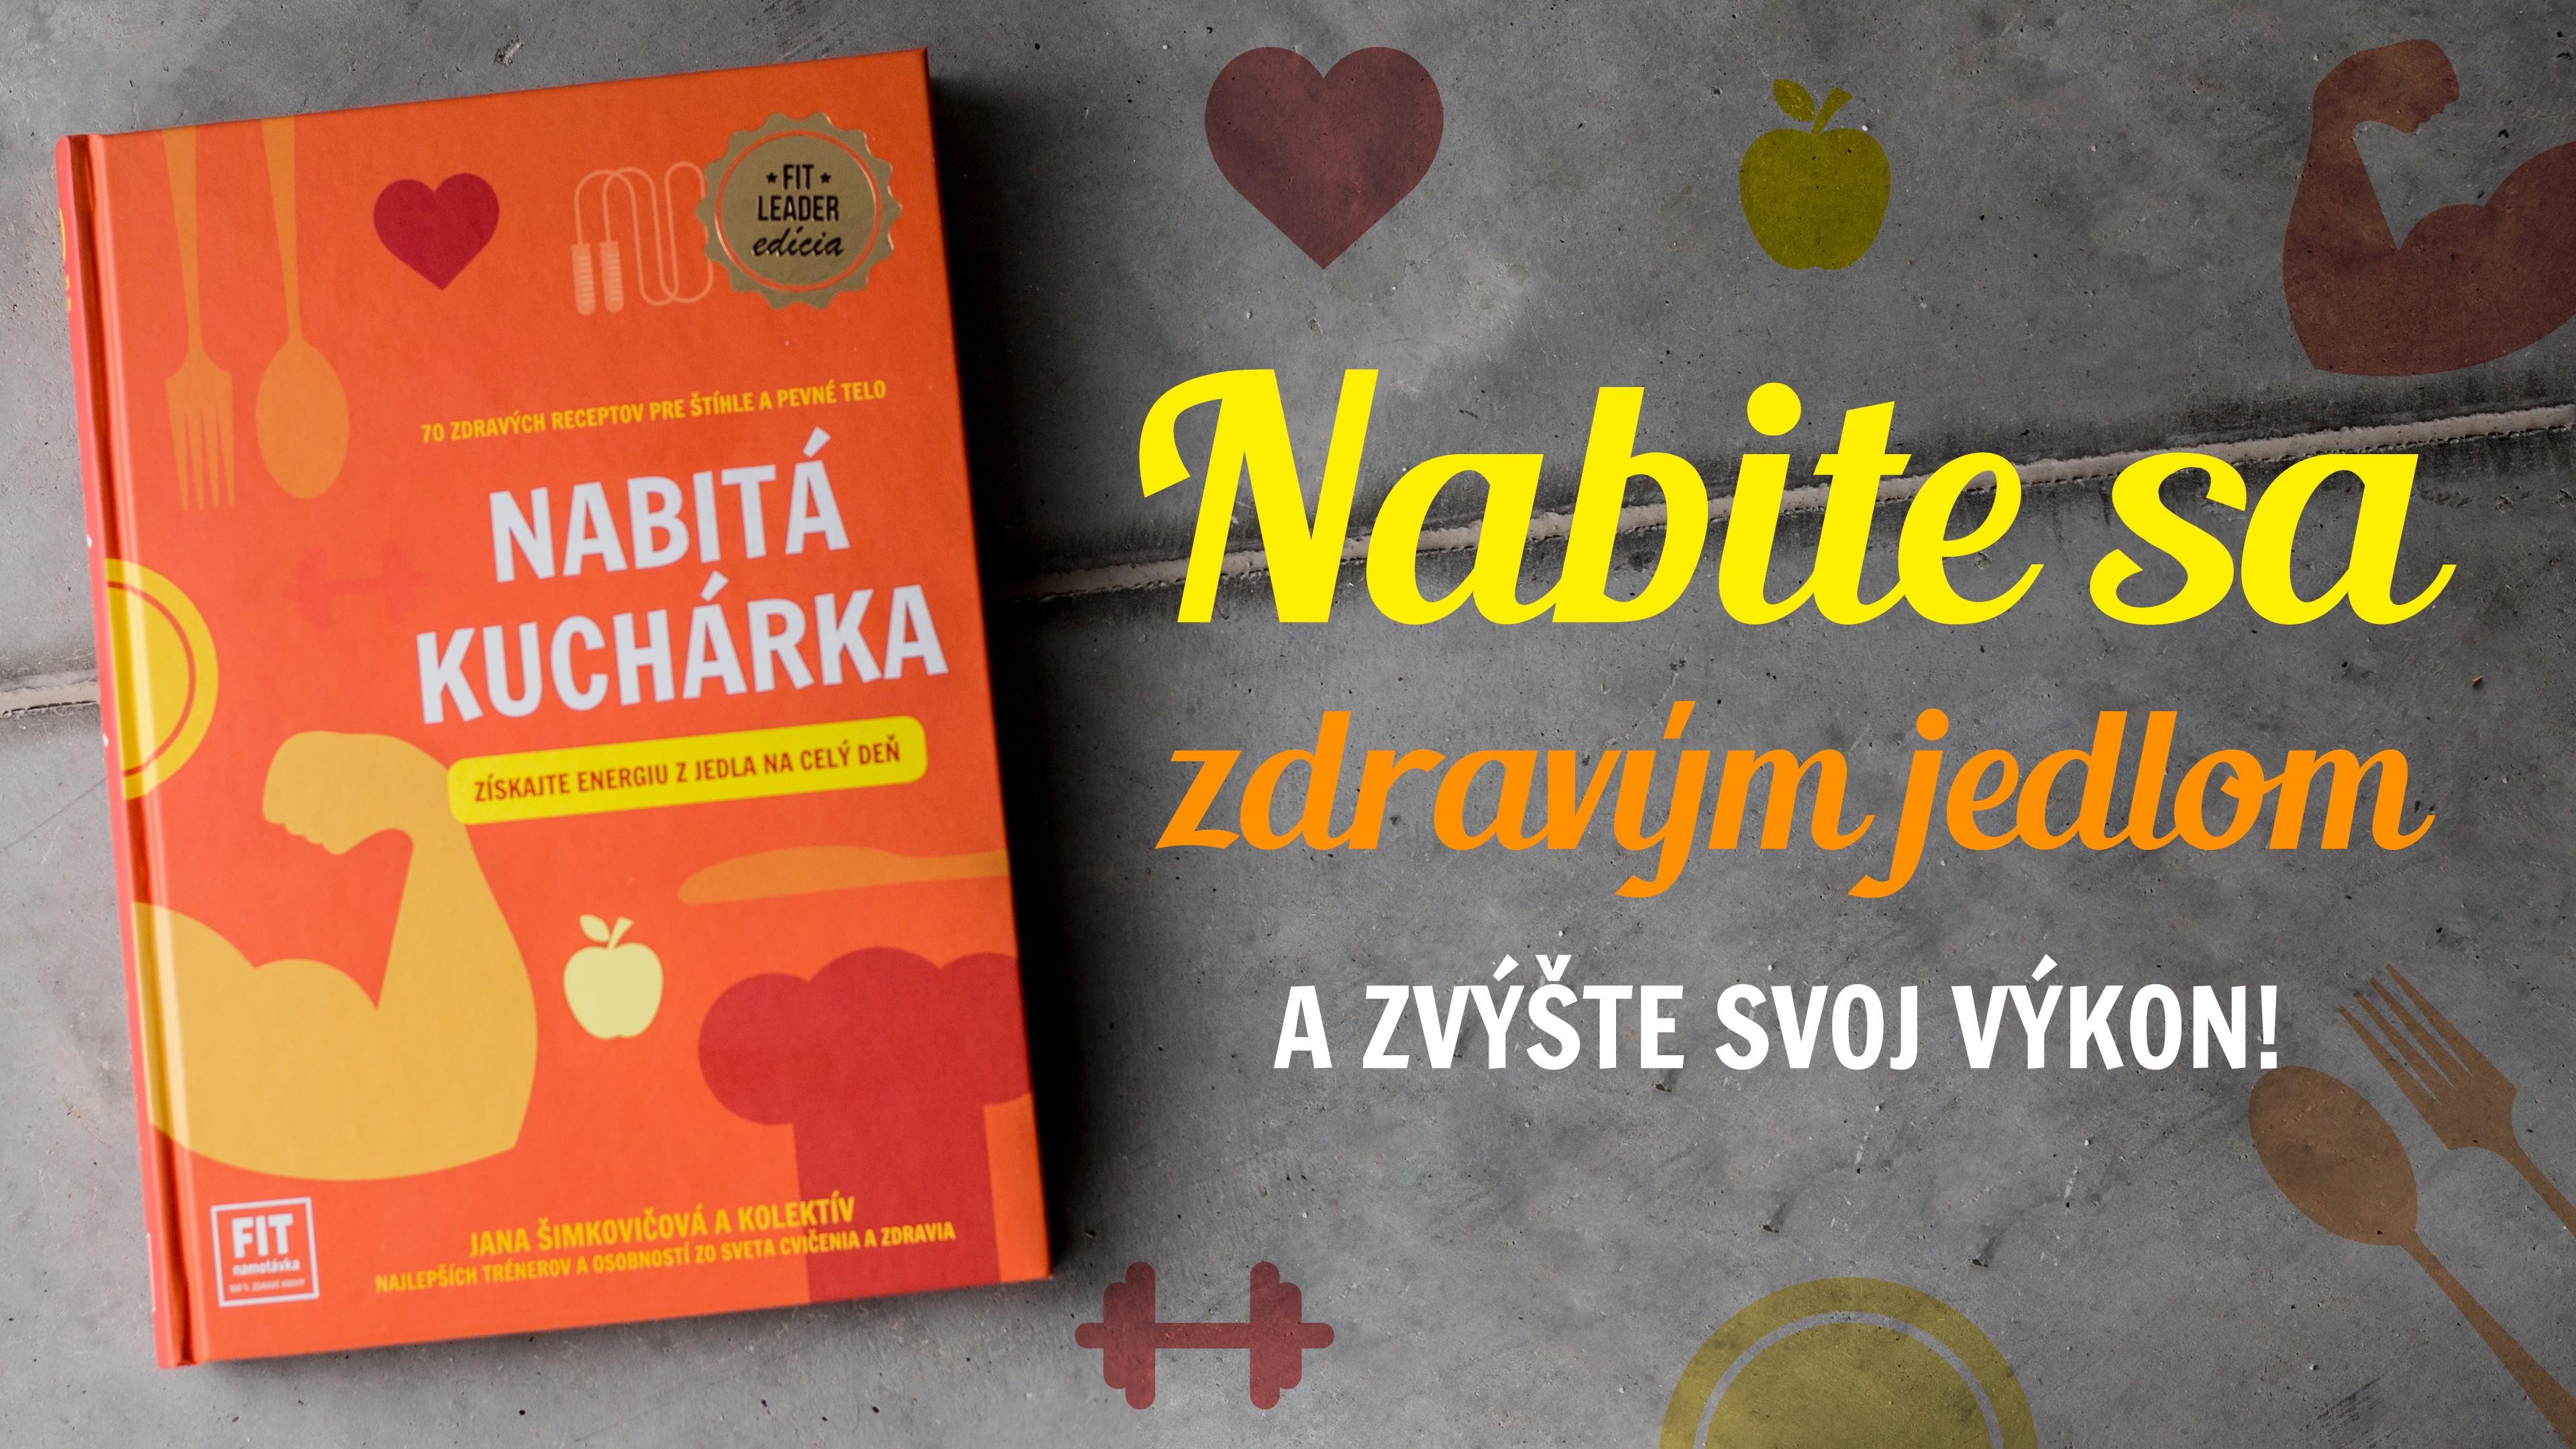 Banner Nabita kucharka